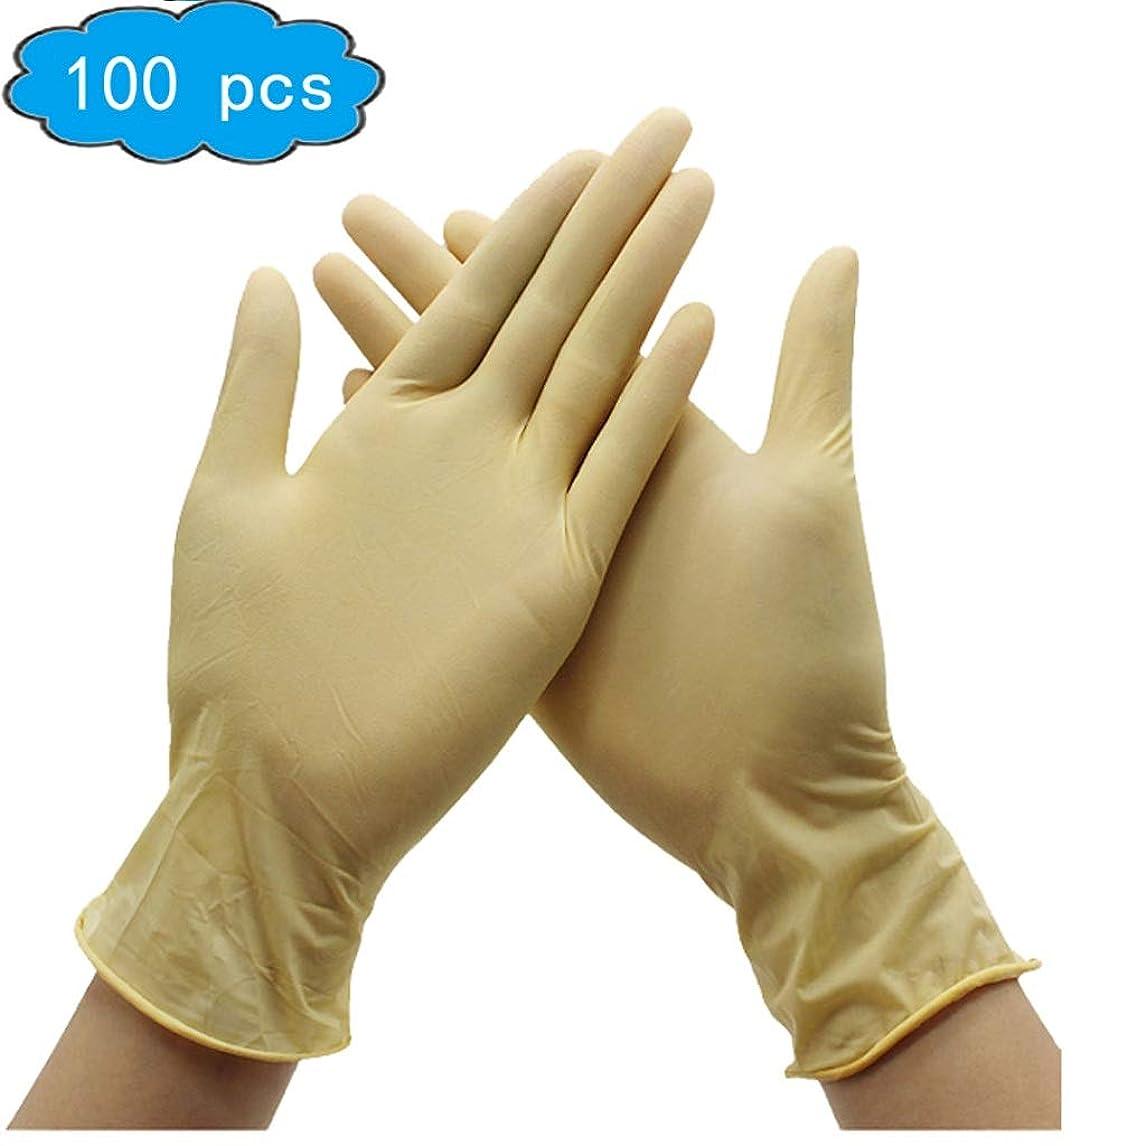 安定しましたマークダウン作るラテックス手袋、試験/食品グレードの安全製品、使い捨て手袋および手袋Dispensers 100psc、衛生手袋、健康、家庭用ベビーケア (Color : Beige, Size : L)